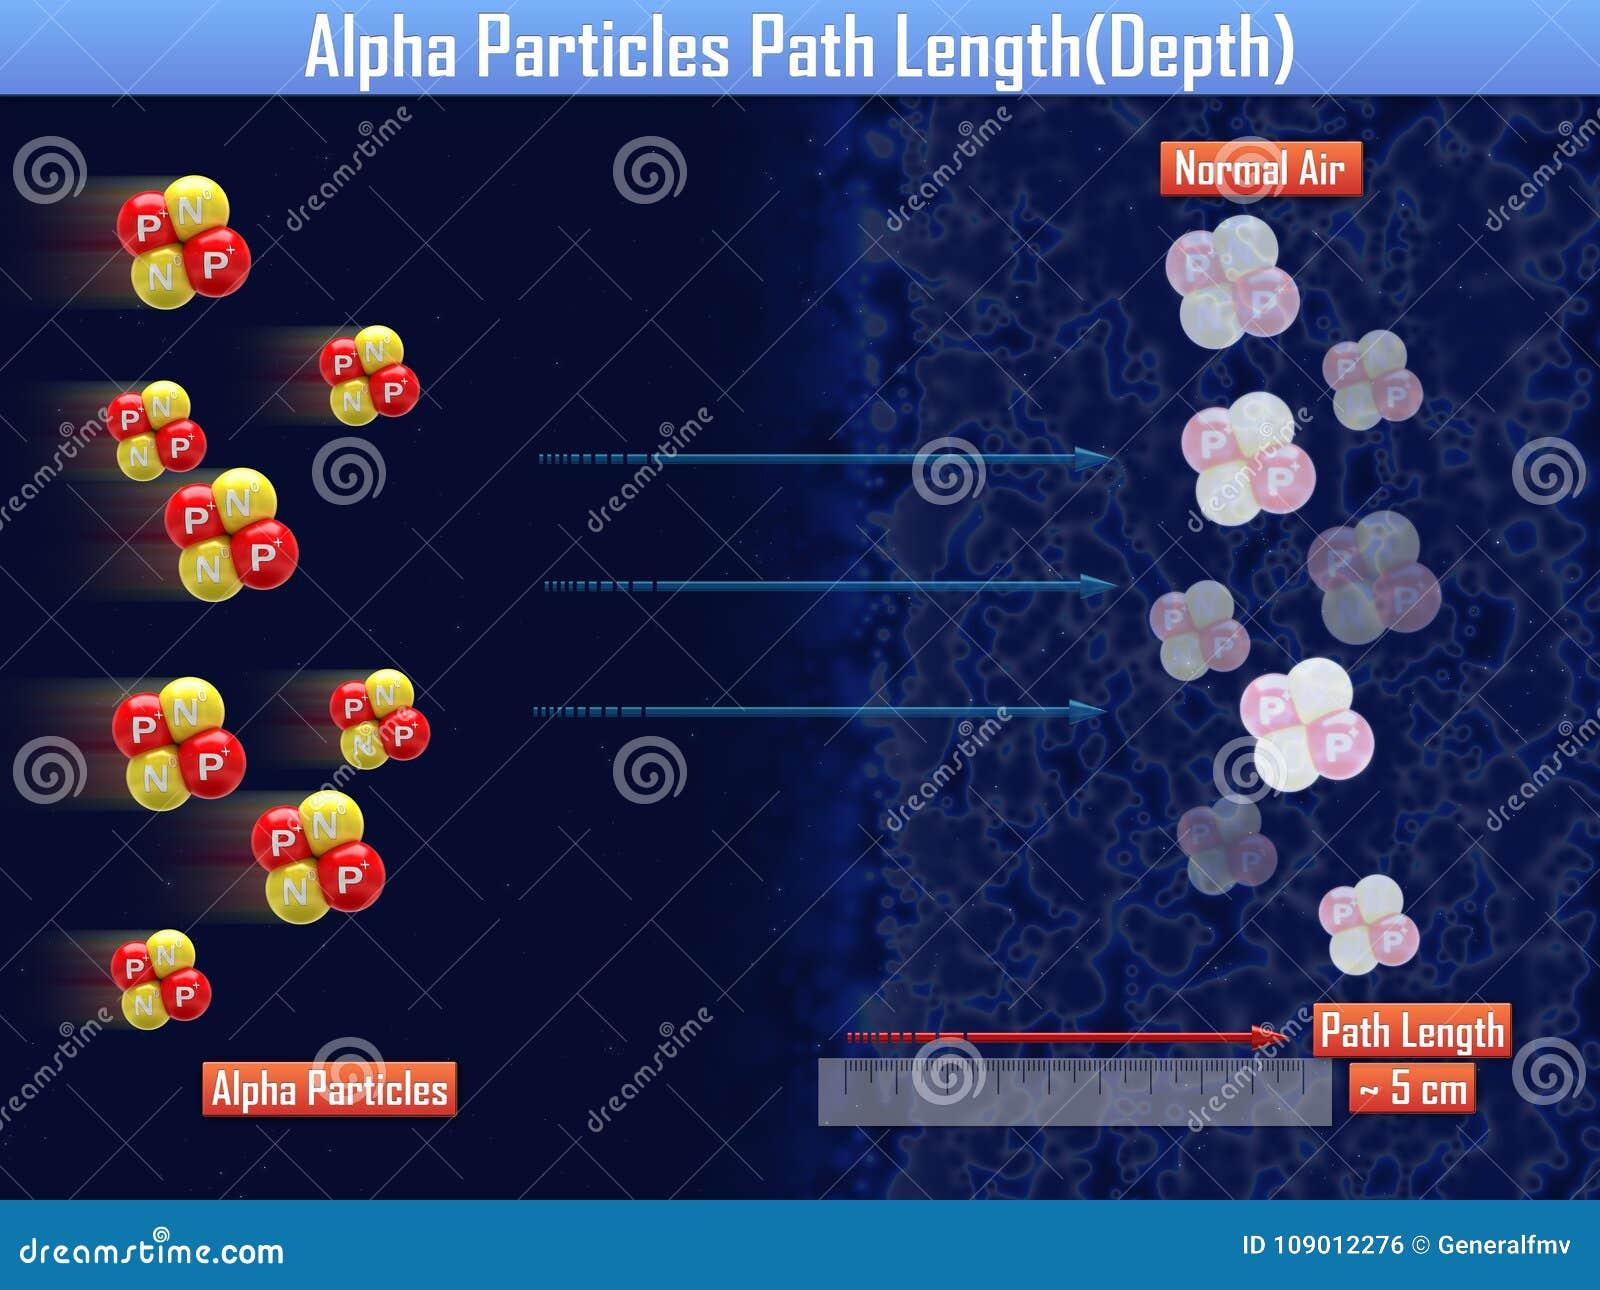 Alpha Particles Path Length